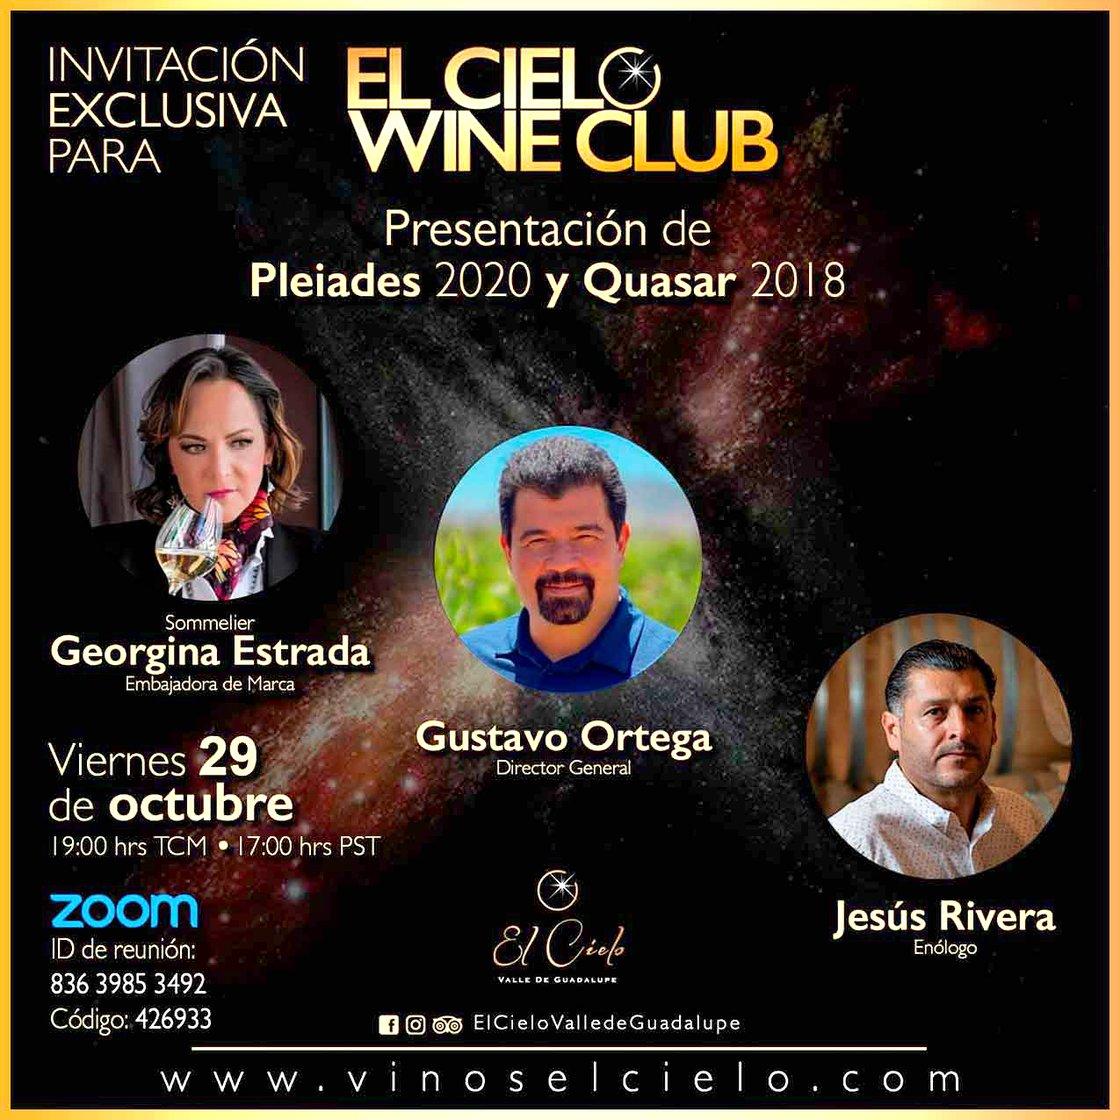 Invitacion-Presentacion-Pleiades-y-Quasar-WC-2